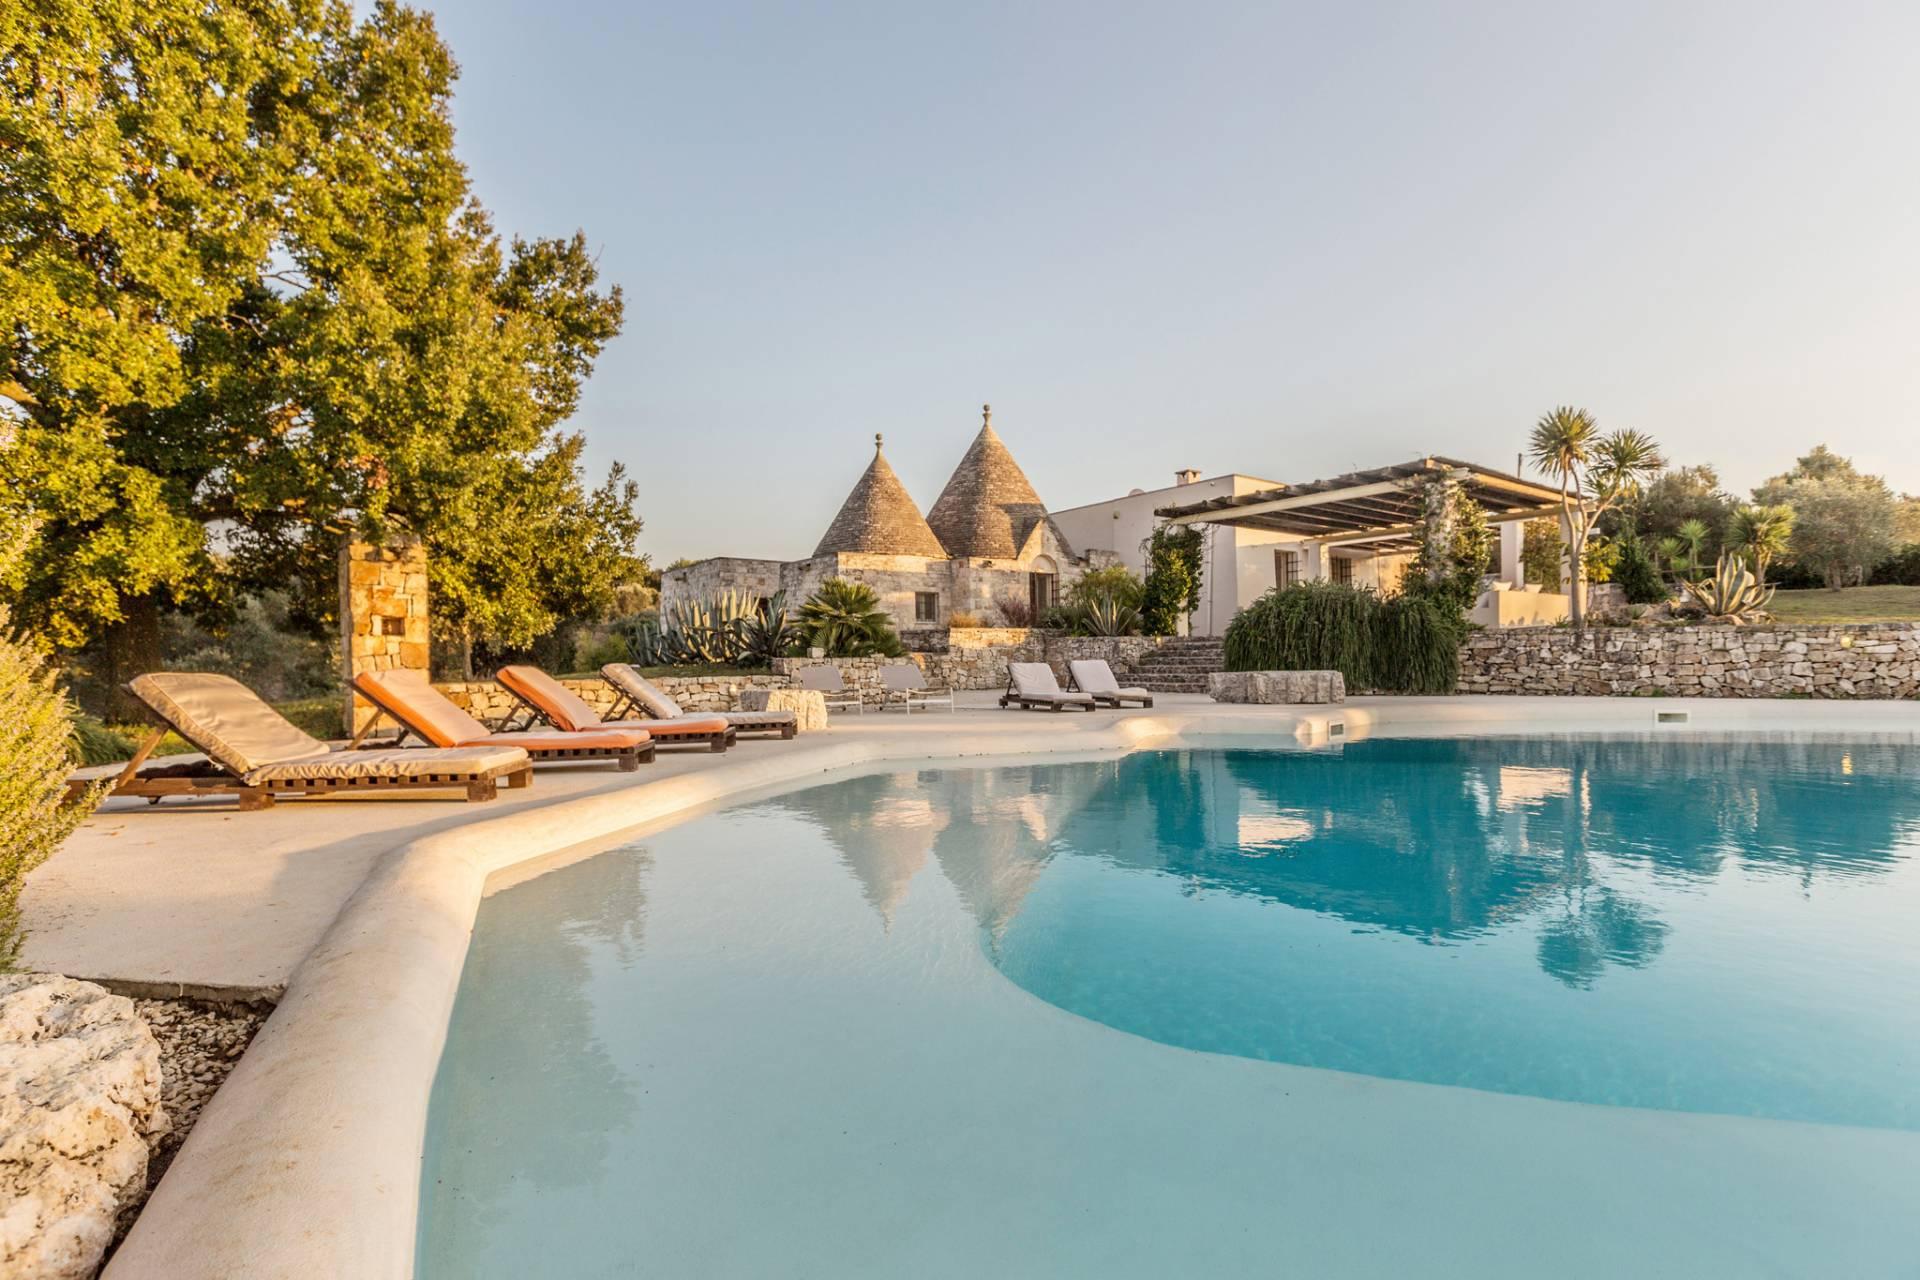 Villa in Vendita a Ostuni: 5 locali, 189 mq